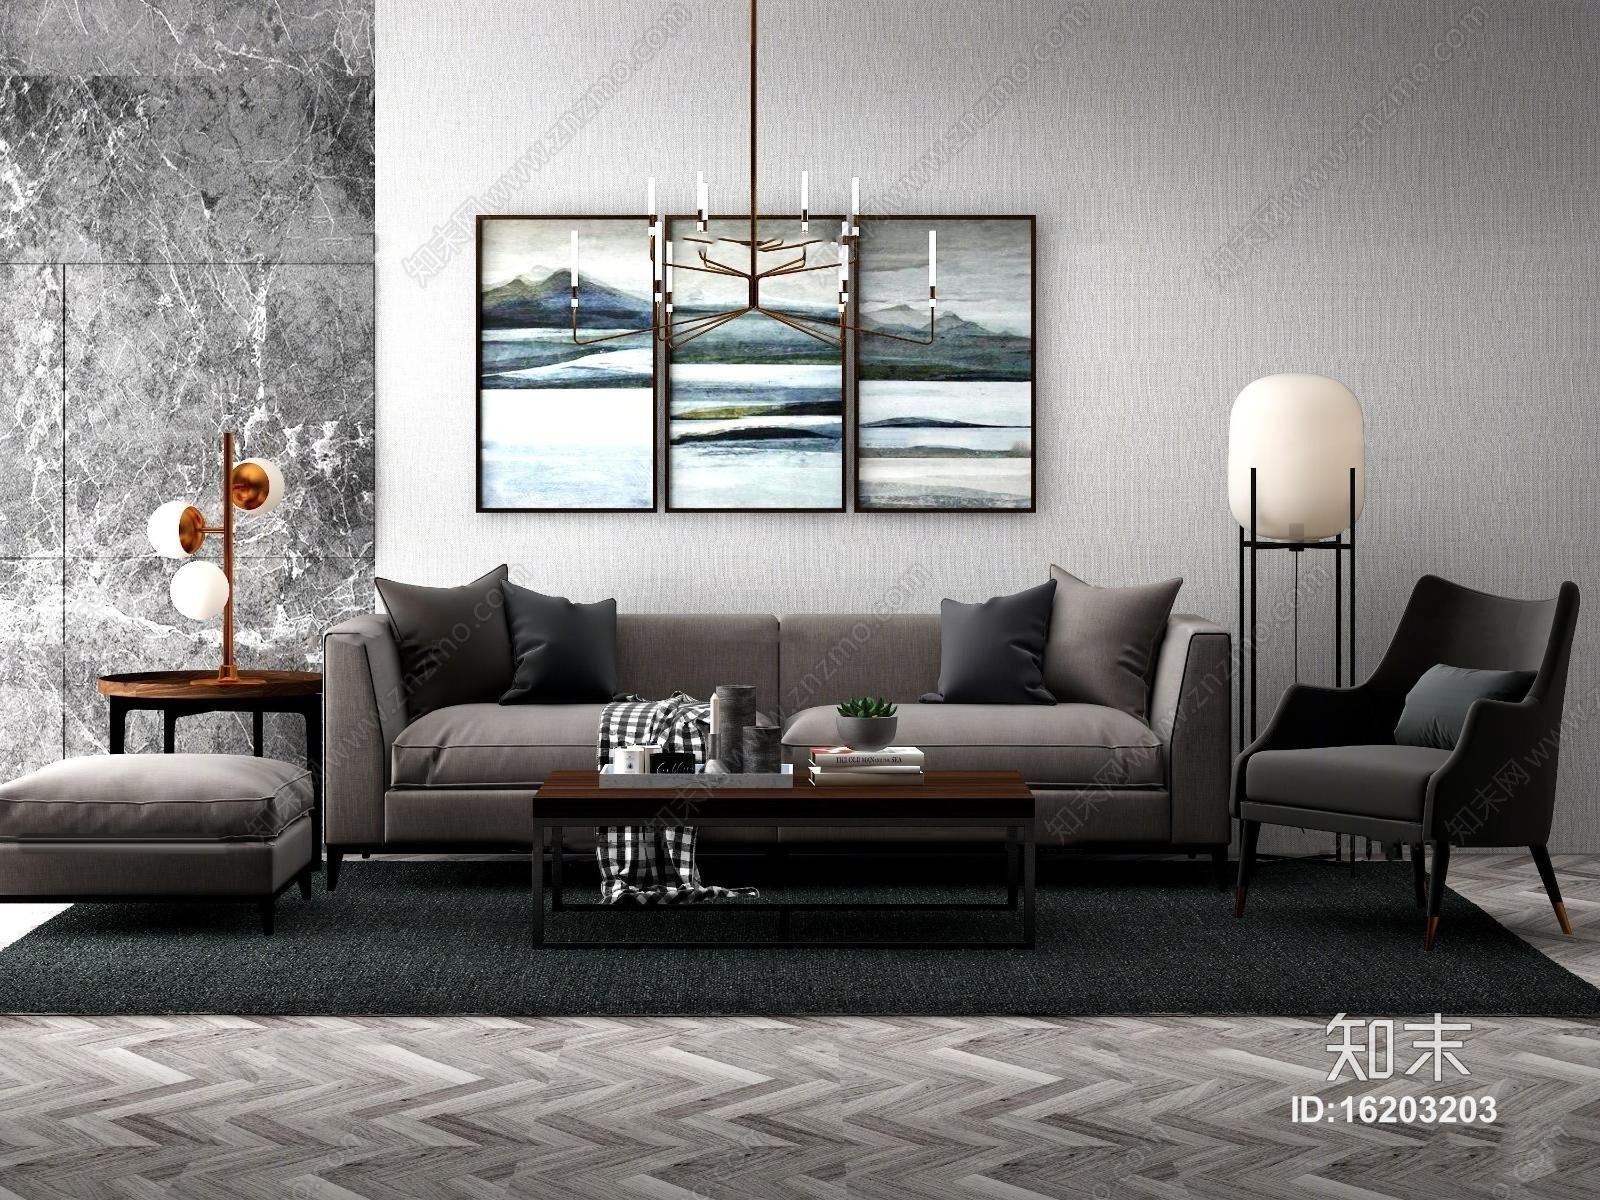 现代沙发休闲椅落地灯组合3D模型3D模型下载【ID:16203203】